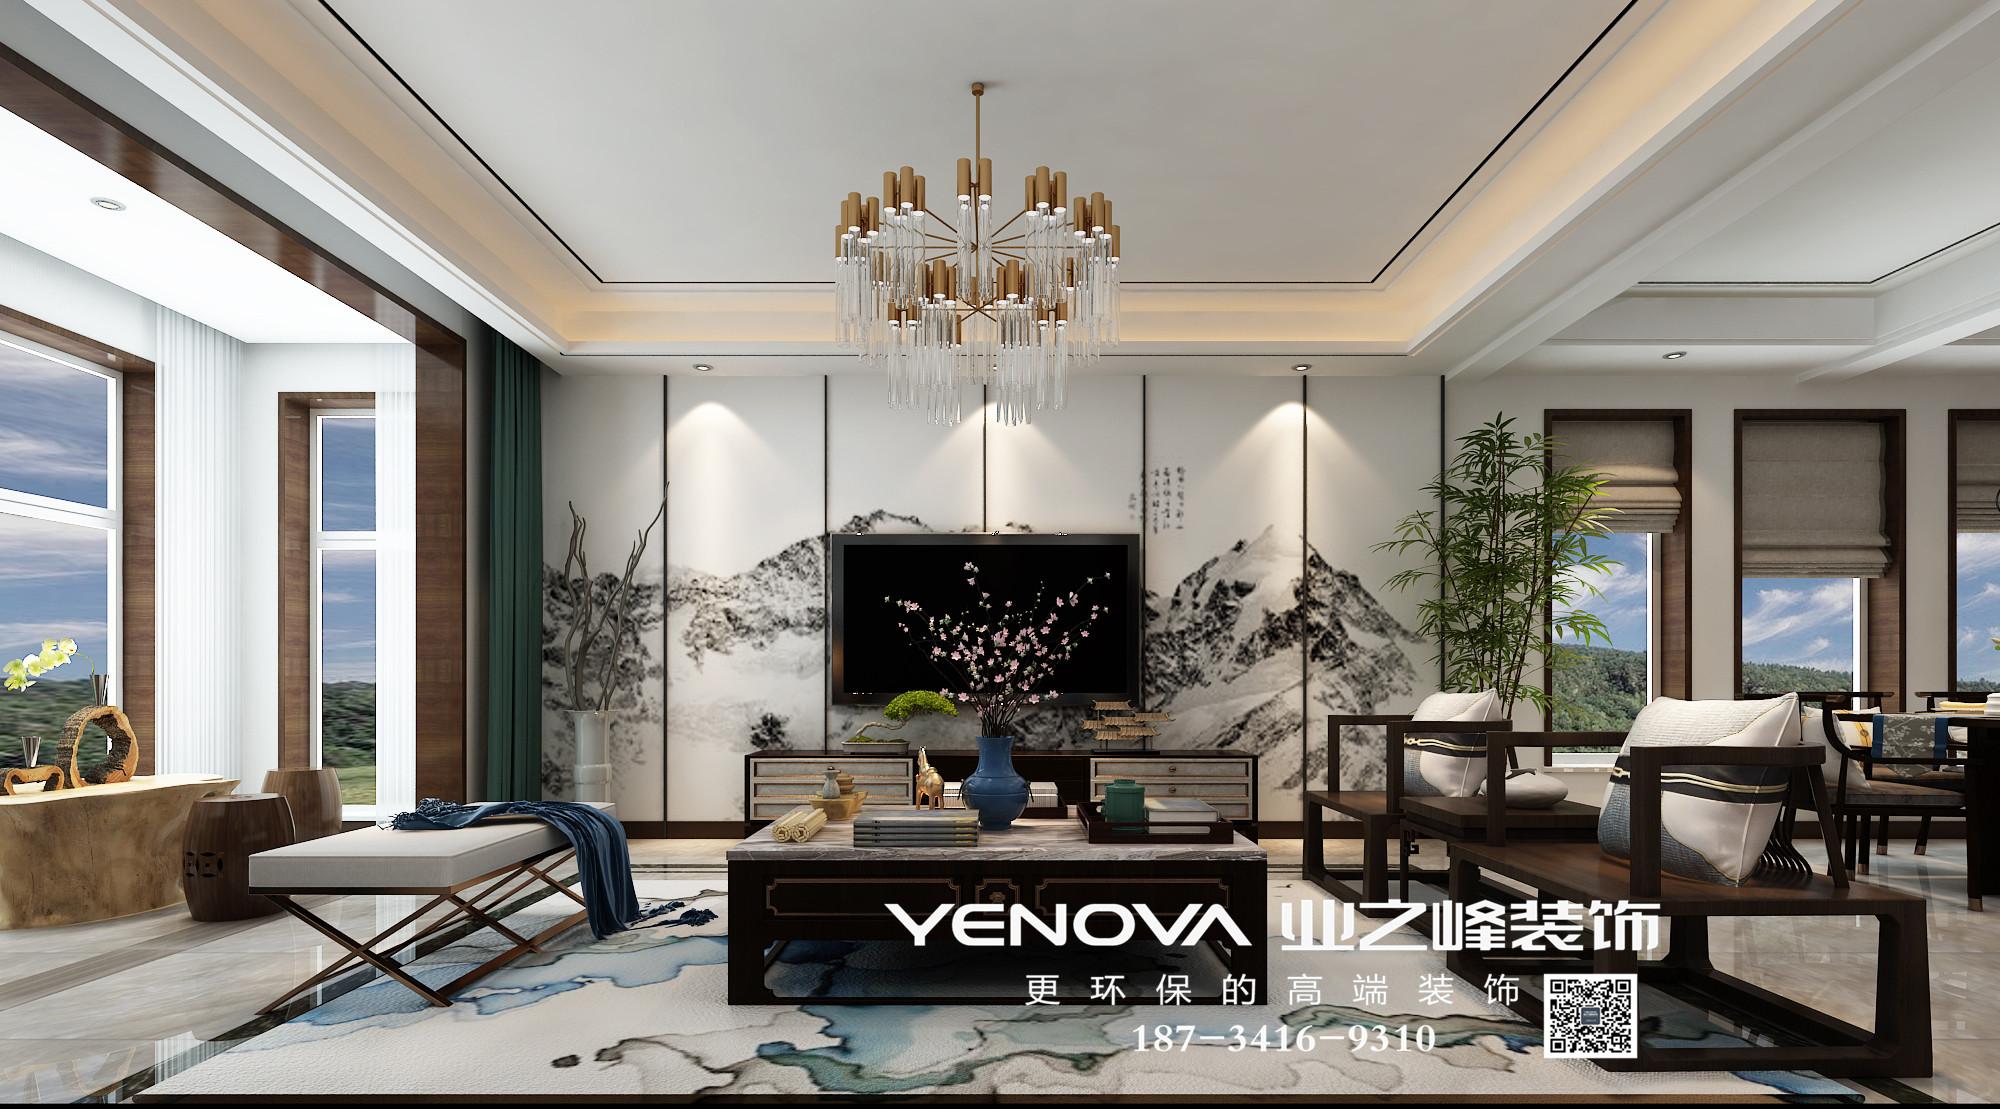 富力华庭230平米新中式风格装修效果图——太原业之峰装饰